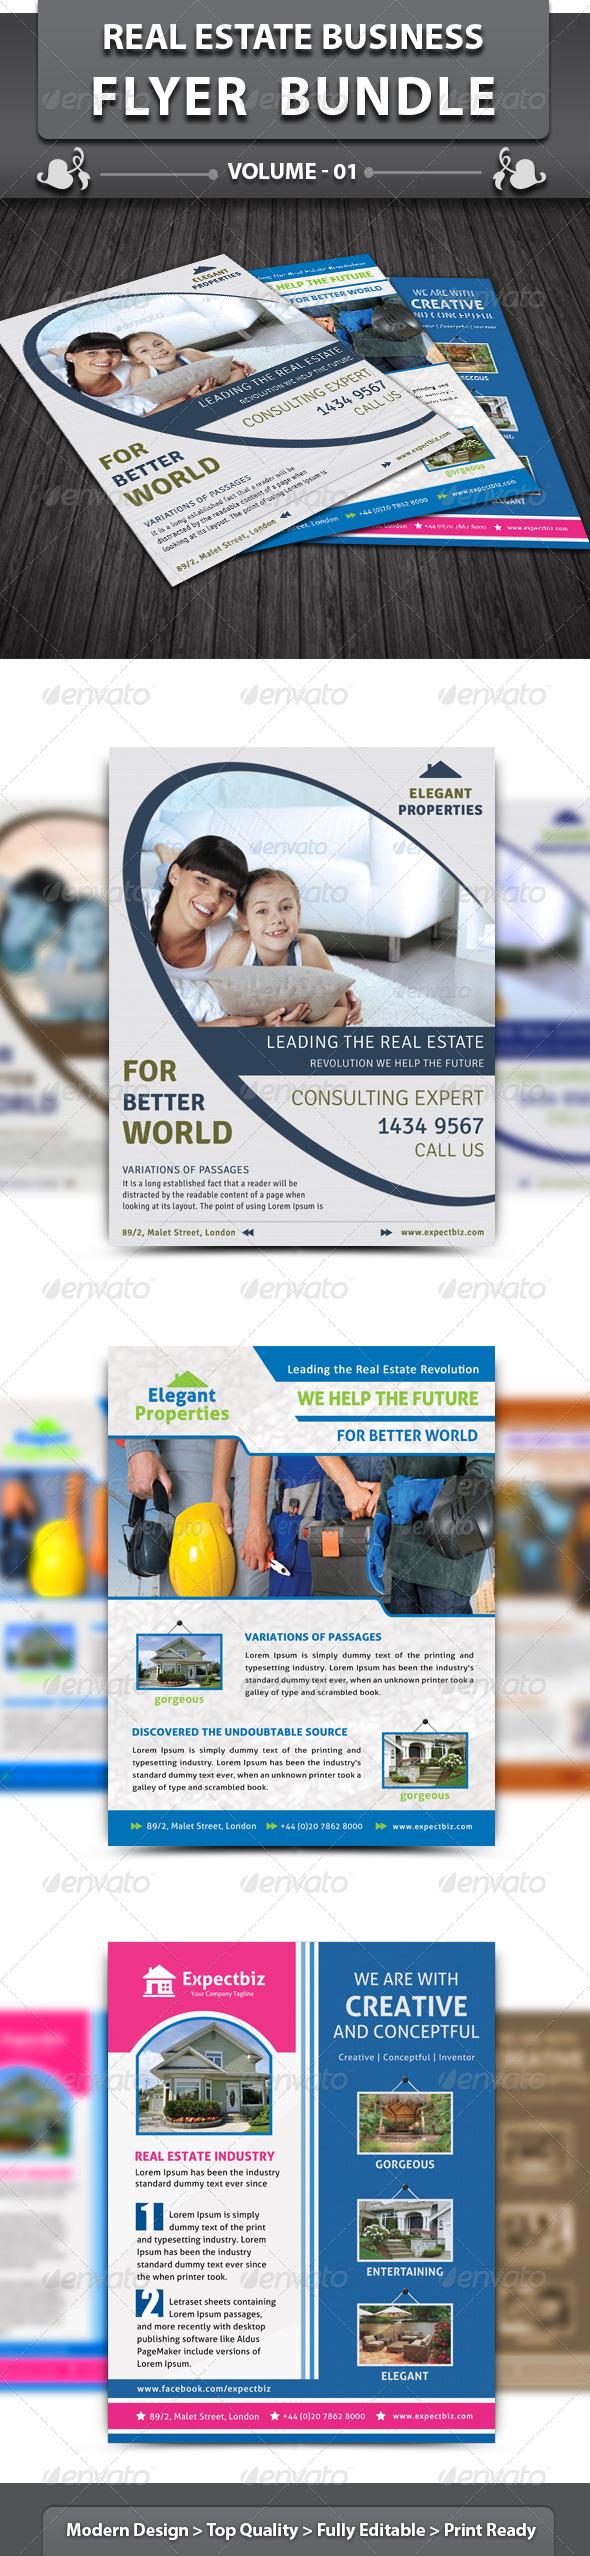 GraphicRiver Real Estate Business Flyer Bundle v1 4910827